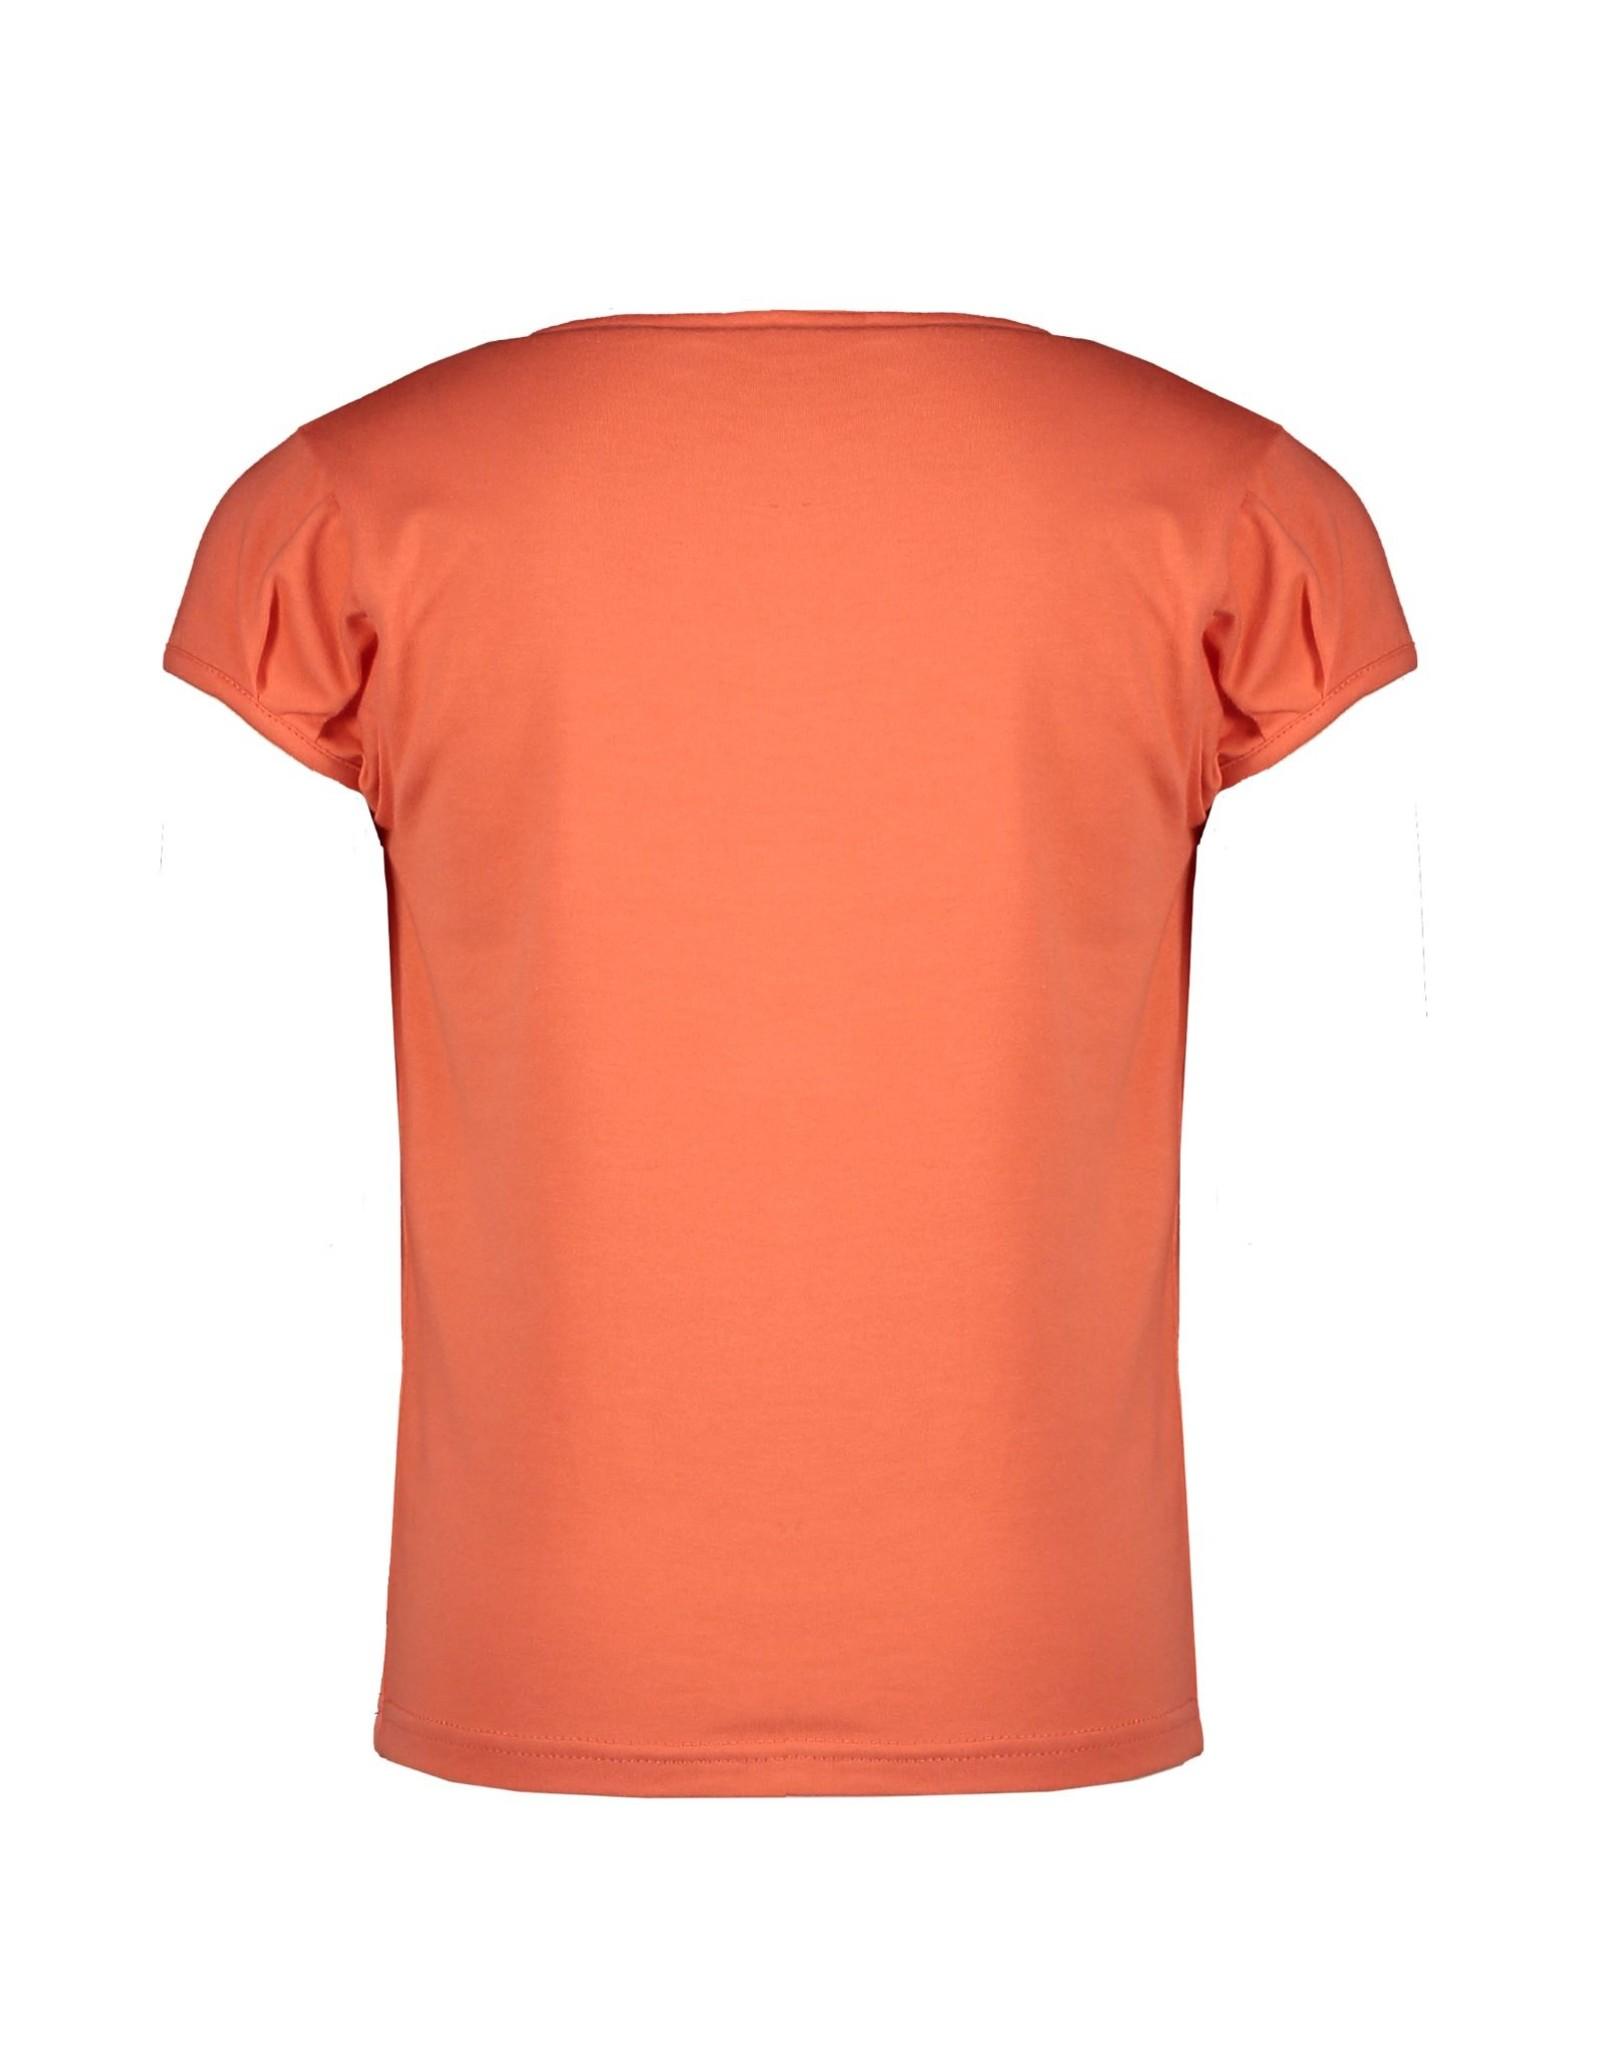 NONO NONO shirt 5401 crayfish